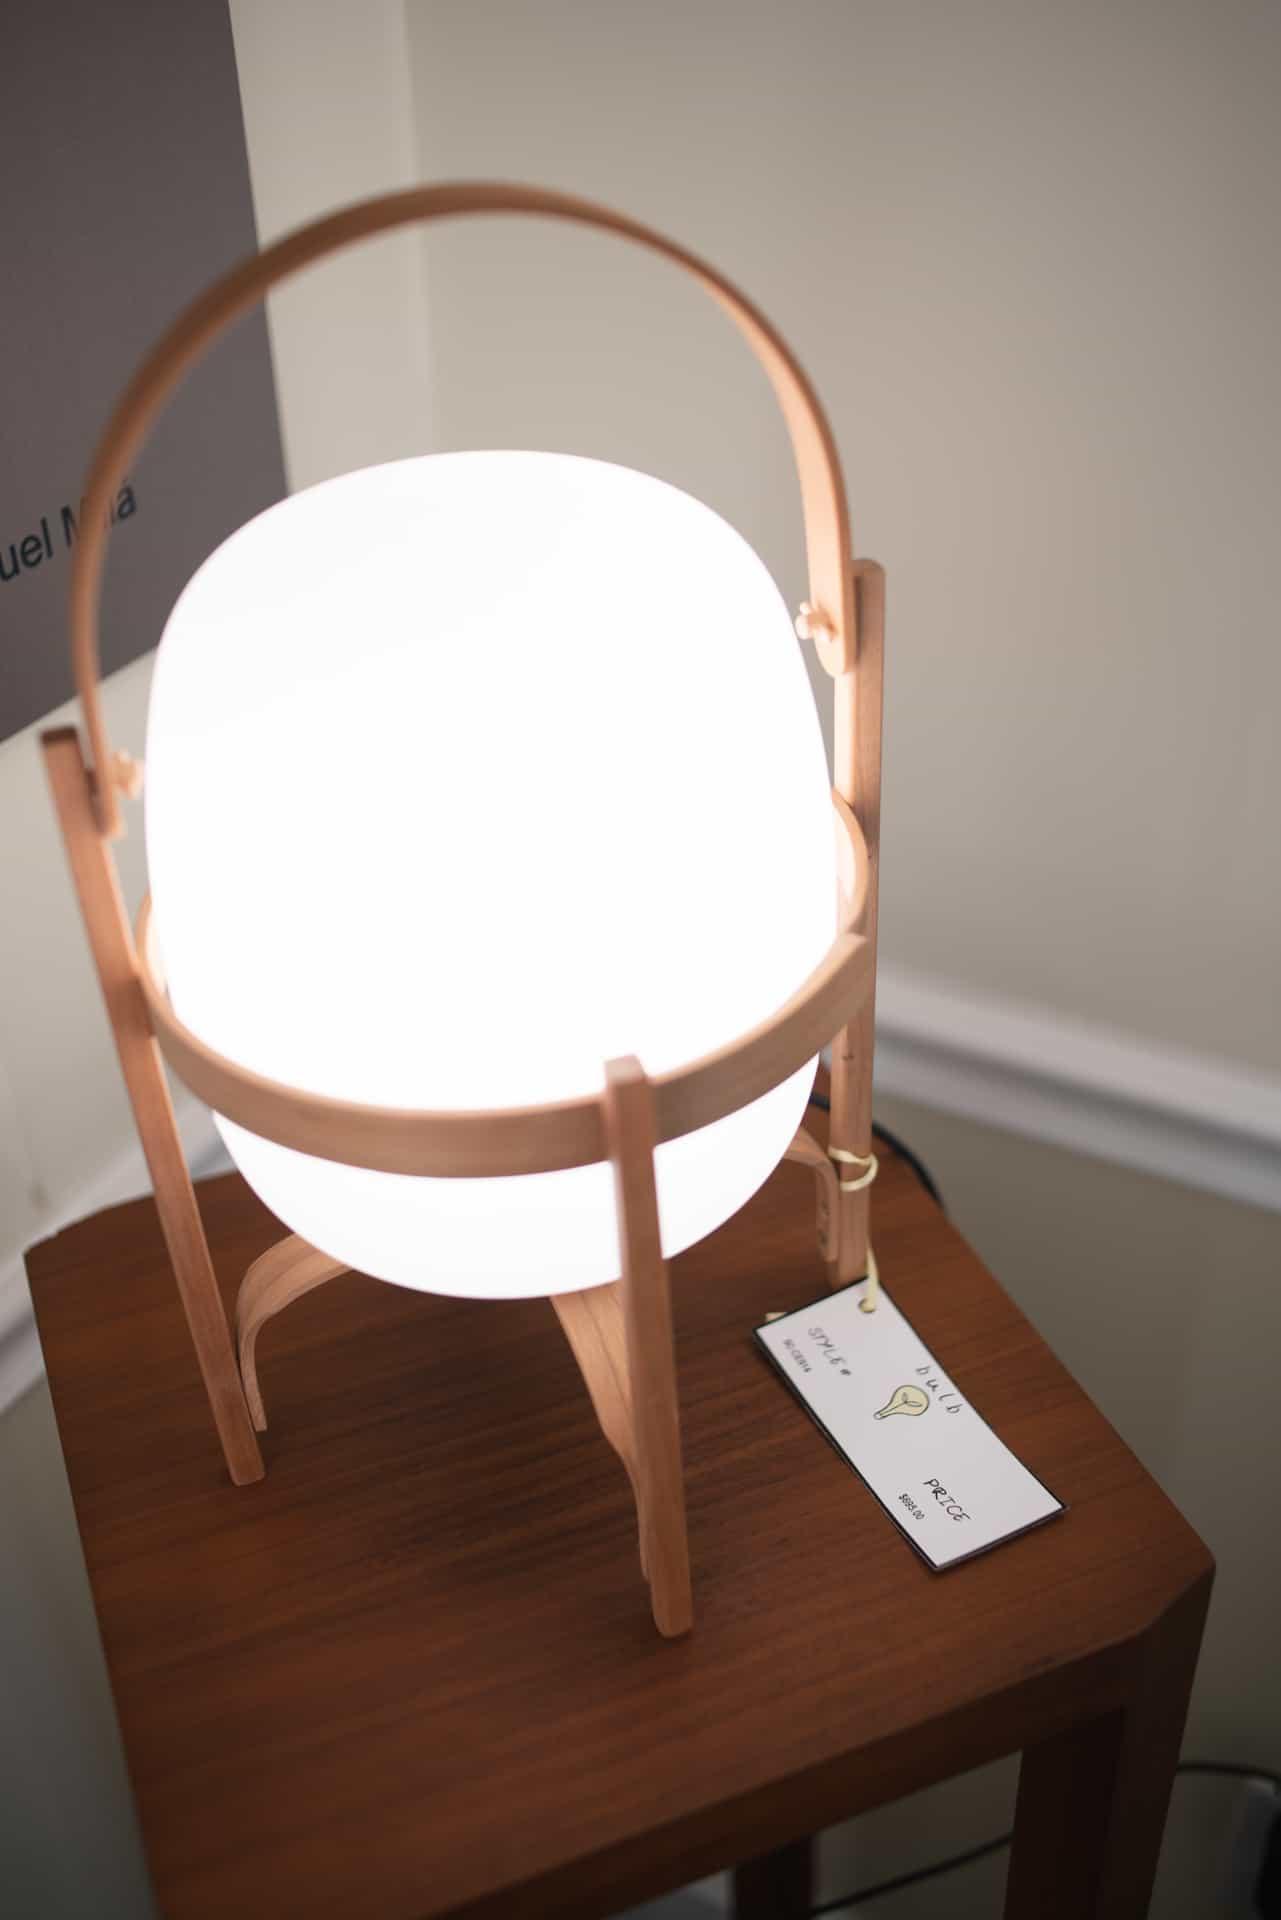 Photograph of lighting retailer Bulb, in Philadelphia, PA